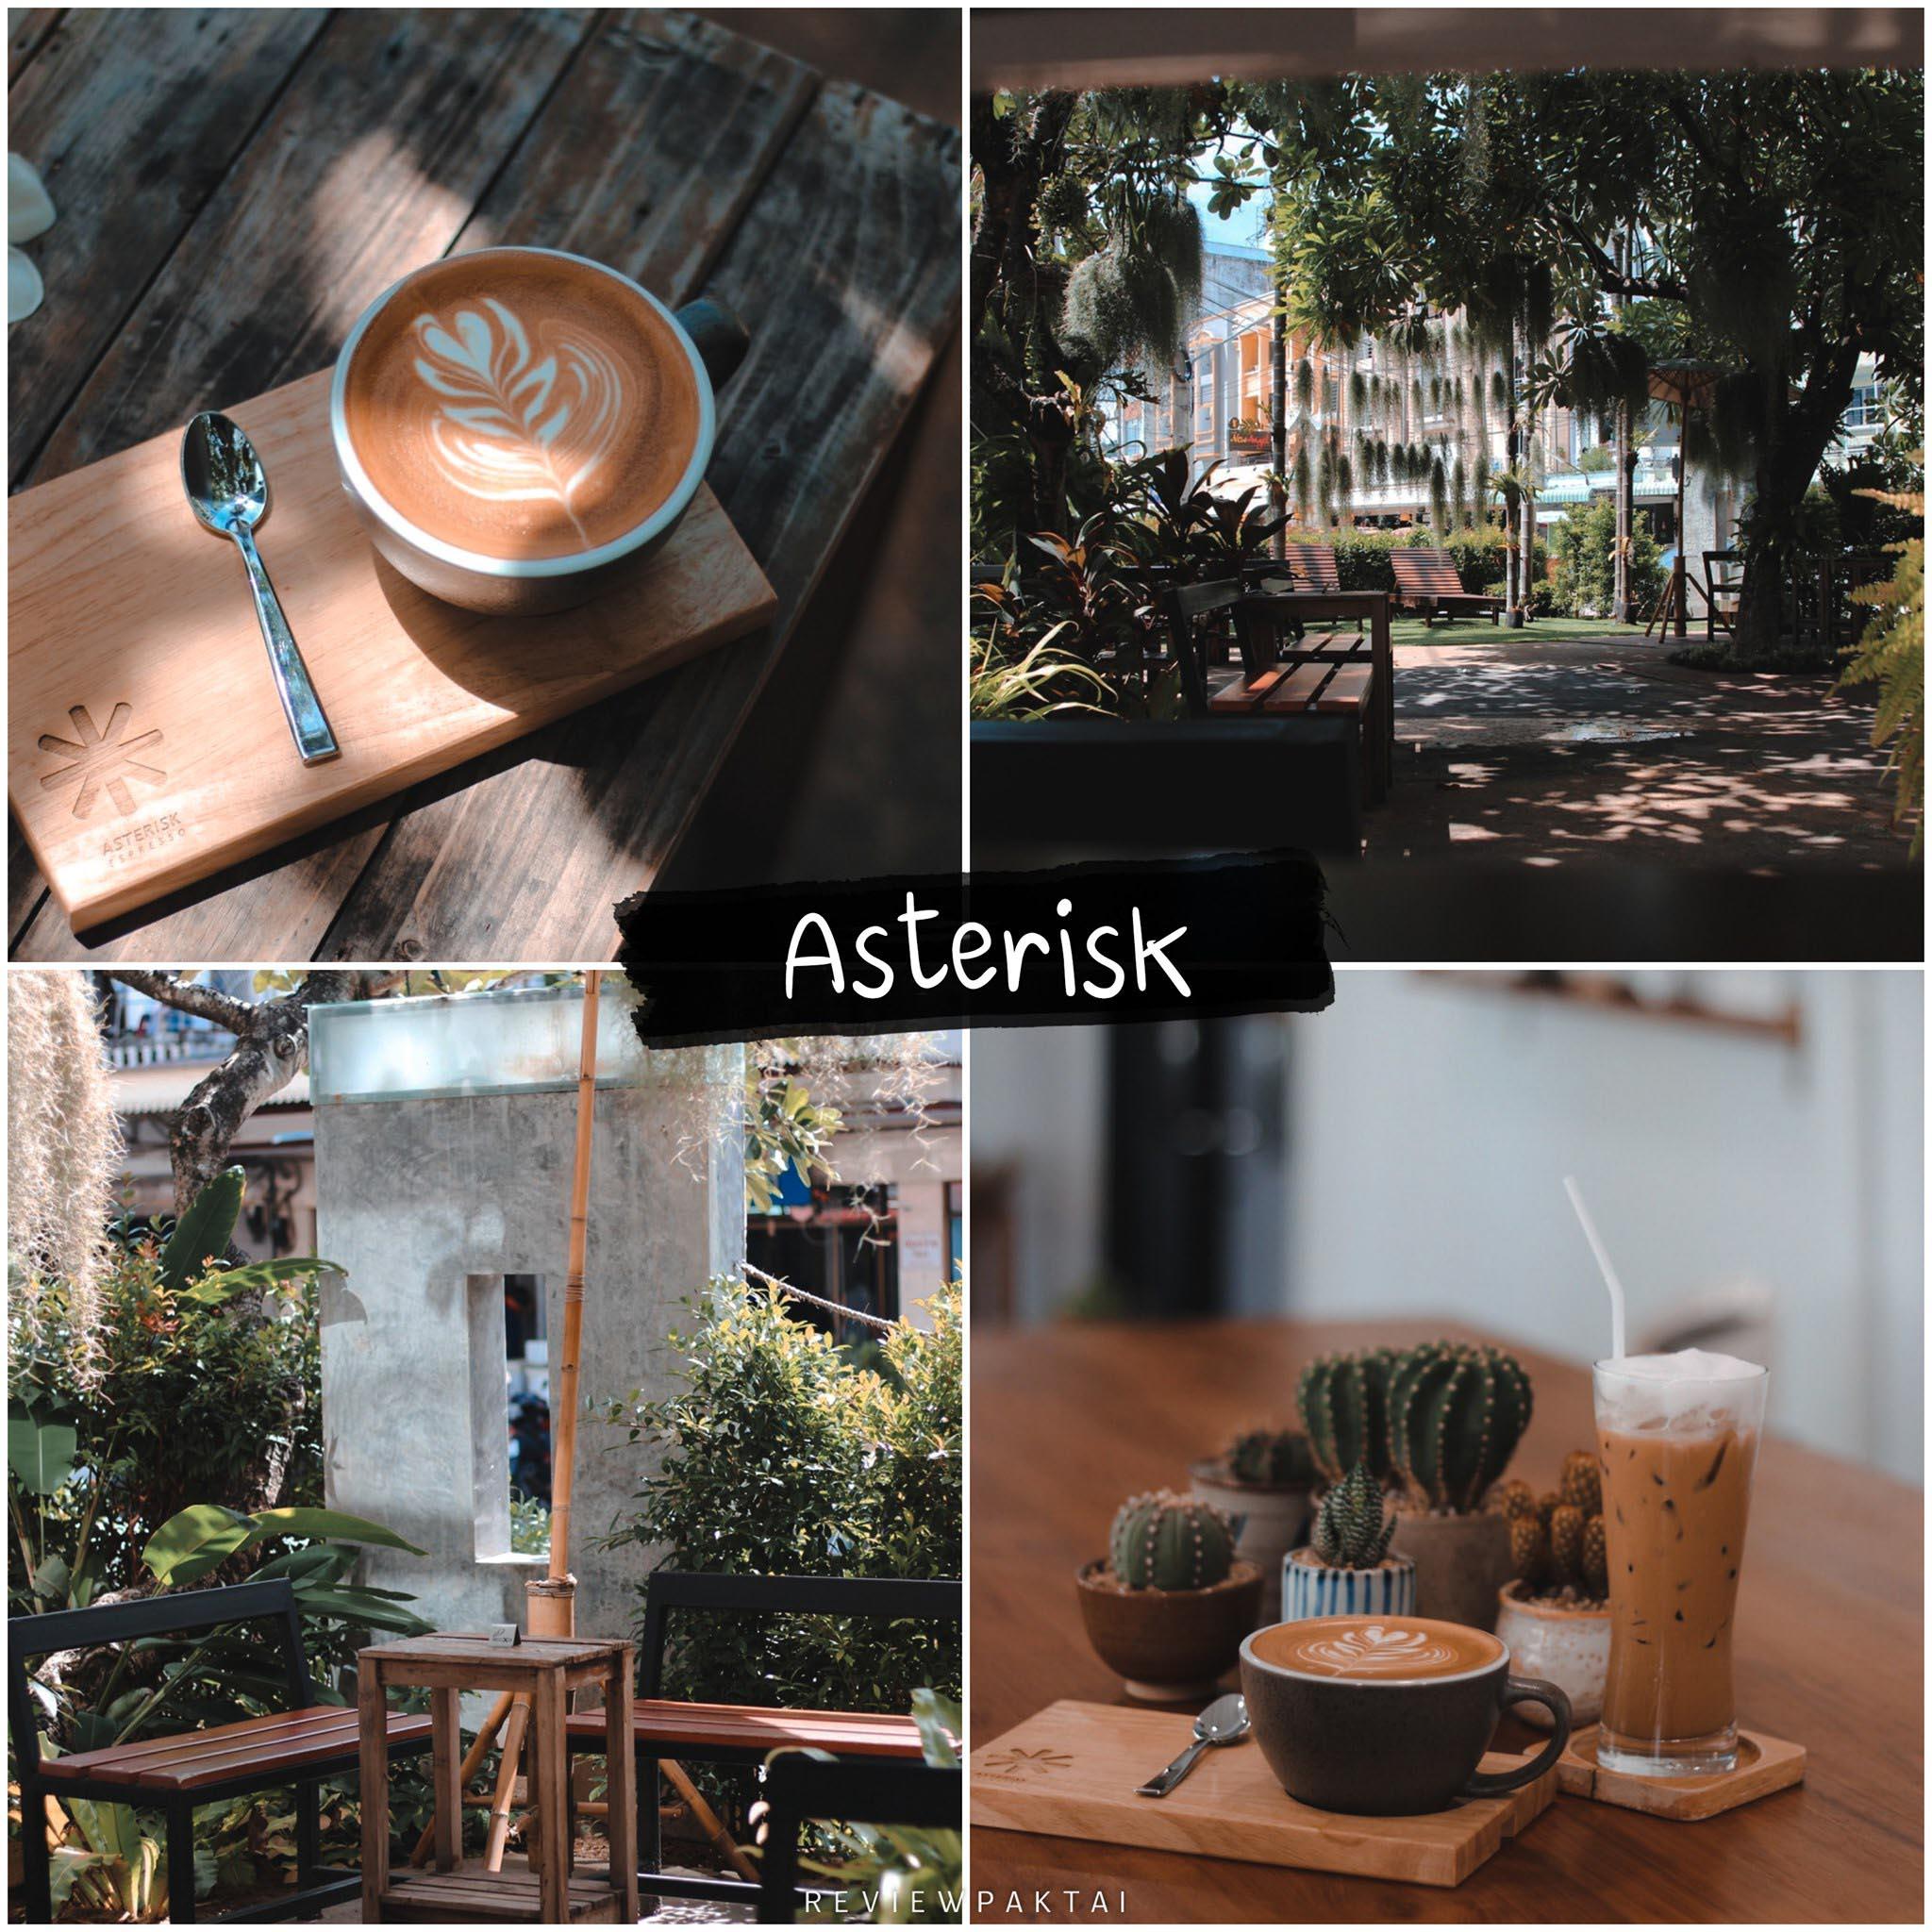 Asterisk espresso จุดเช็คอินภูเก็ต  กาแฟดี ร้านมีทีเด็ดเรื่องกาแฟ คอกาแฟจะปลื้มแน่นอนที่นี้ ที่ร้านมีกาแฟหลายสายพันธุ์ให้เลือกให้ลอง ไม่มาคือพลาดมากแม่!!